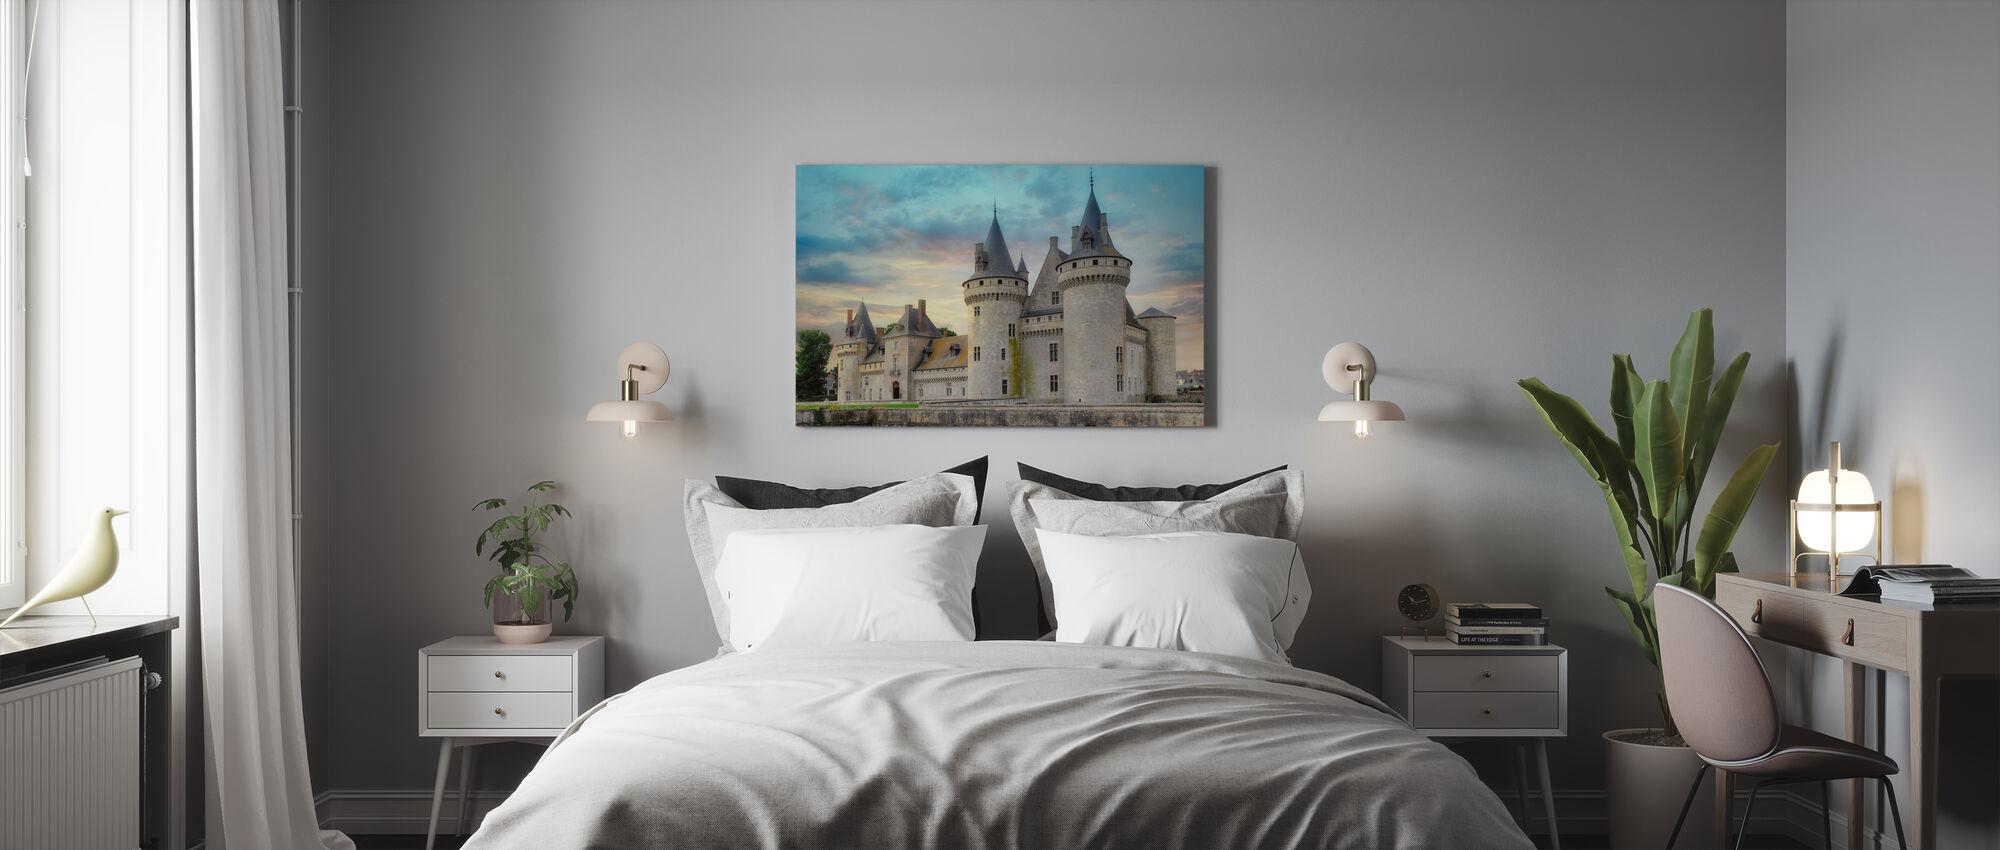 Linnassa tornit - Canvastaulu - Makuuhuone